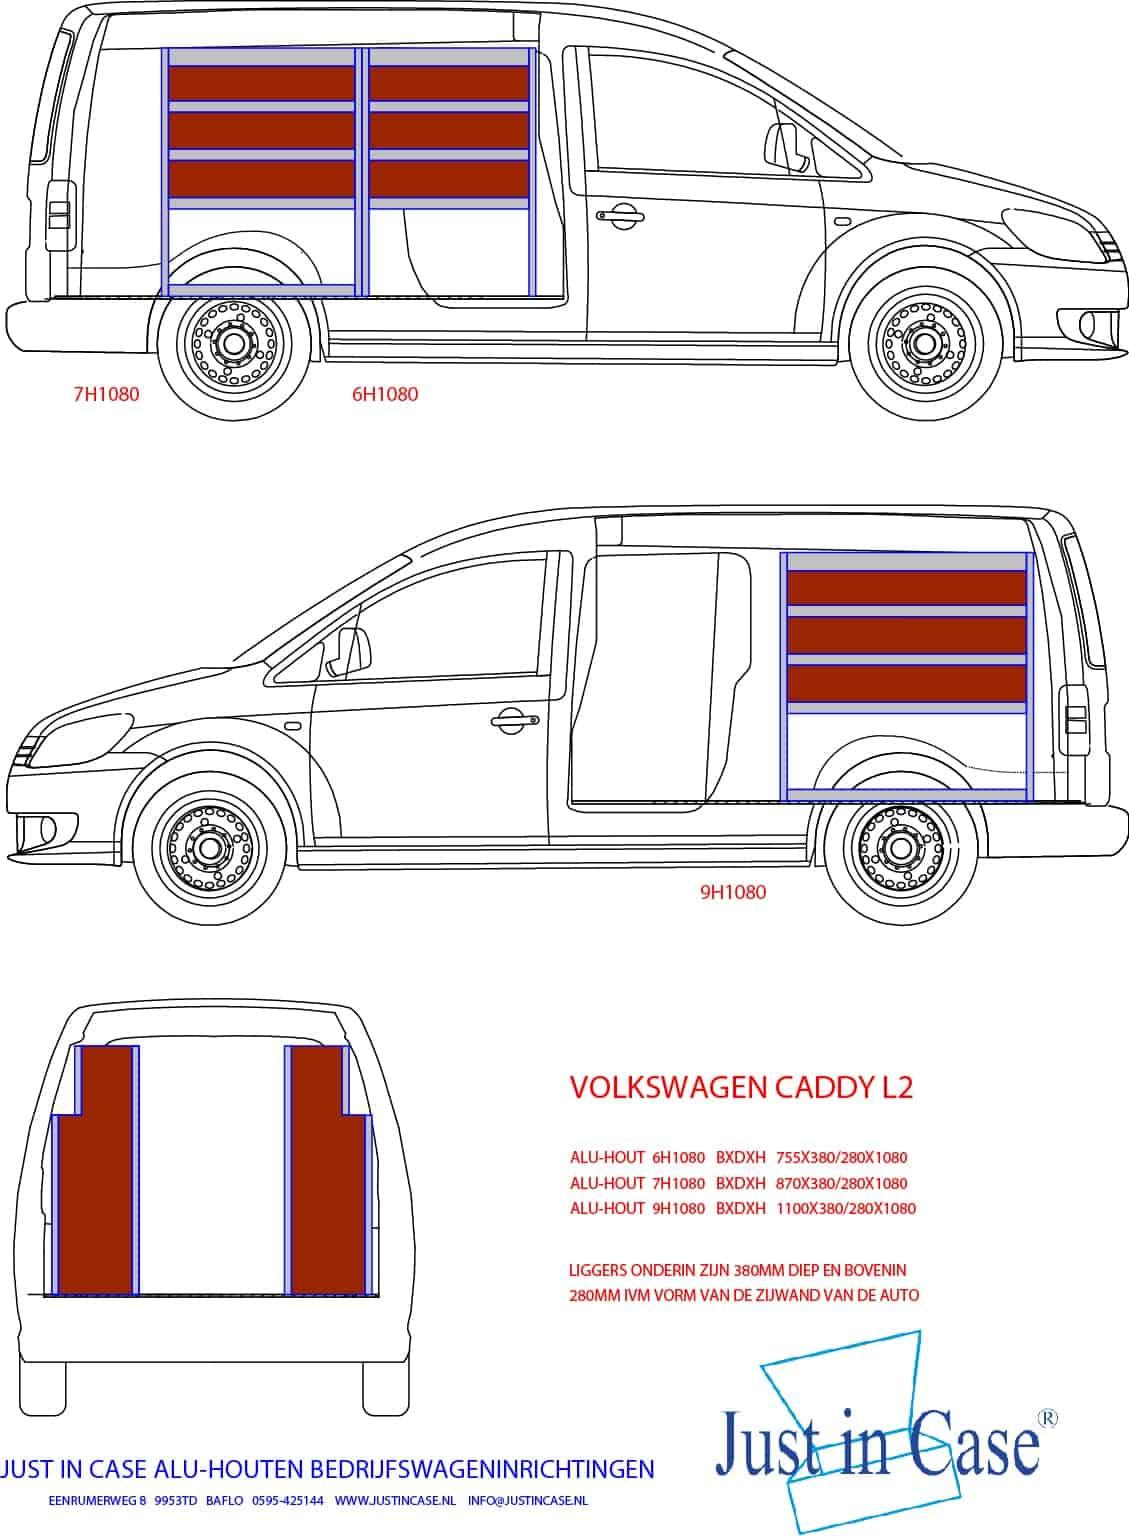 Volkswagen Caddy (Lengte 2) bedrijfswageninrichting schets